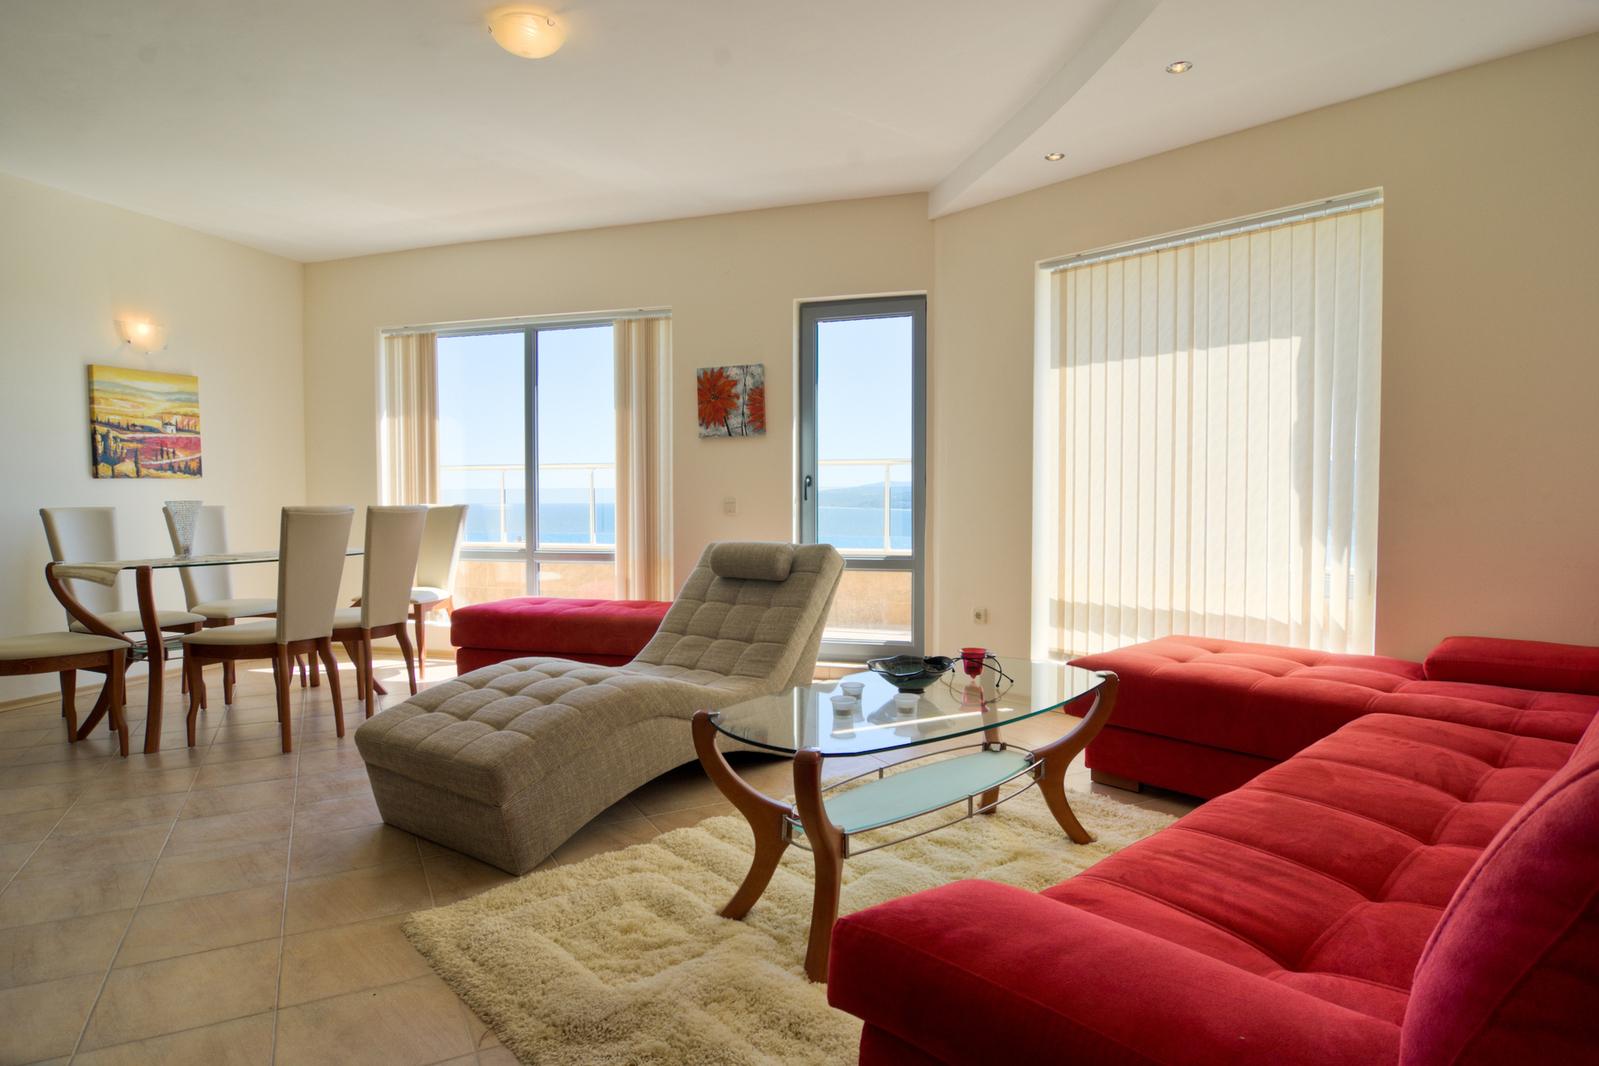 apartment-1206244-1599x1066